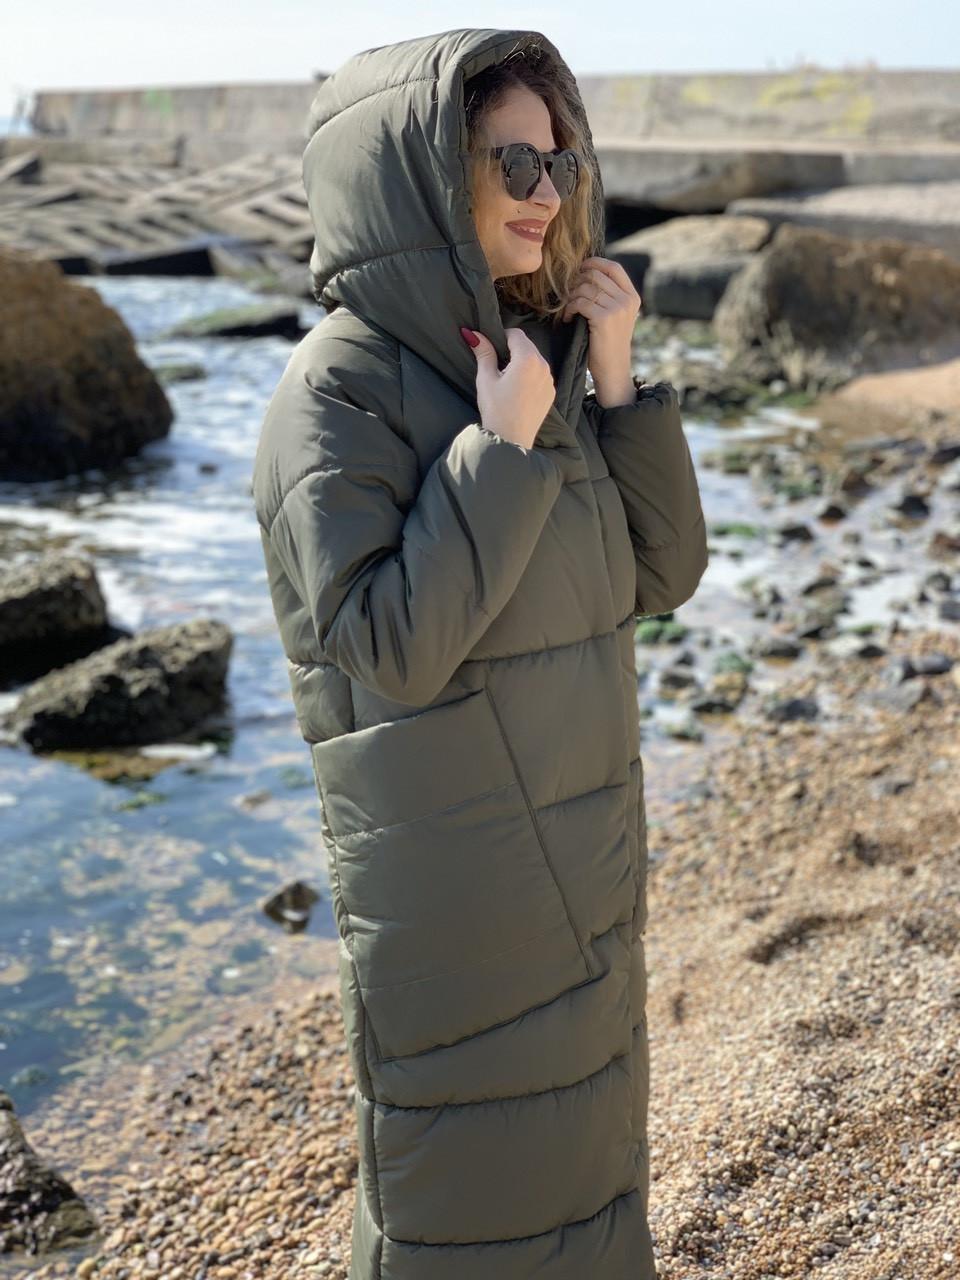 Пальто курка кокон Oversize зимова, артикул 500, колір сіро-зелений хакі